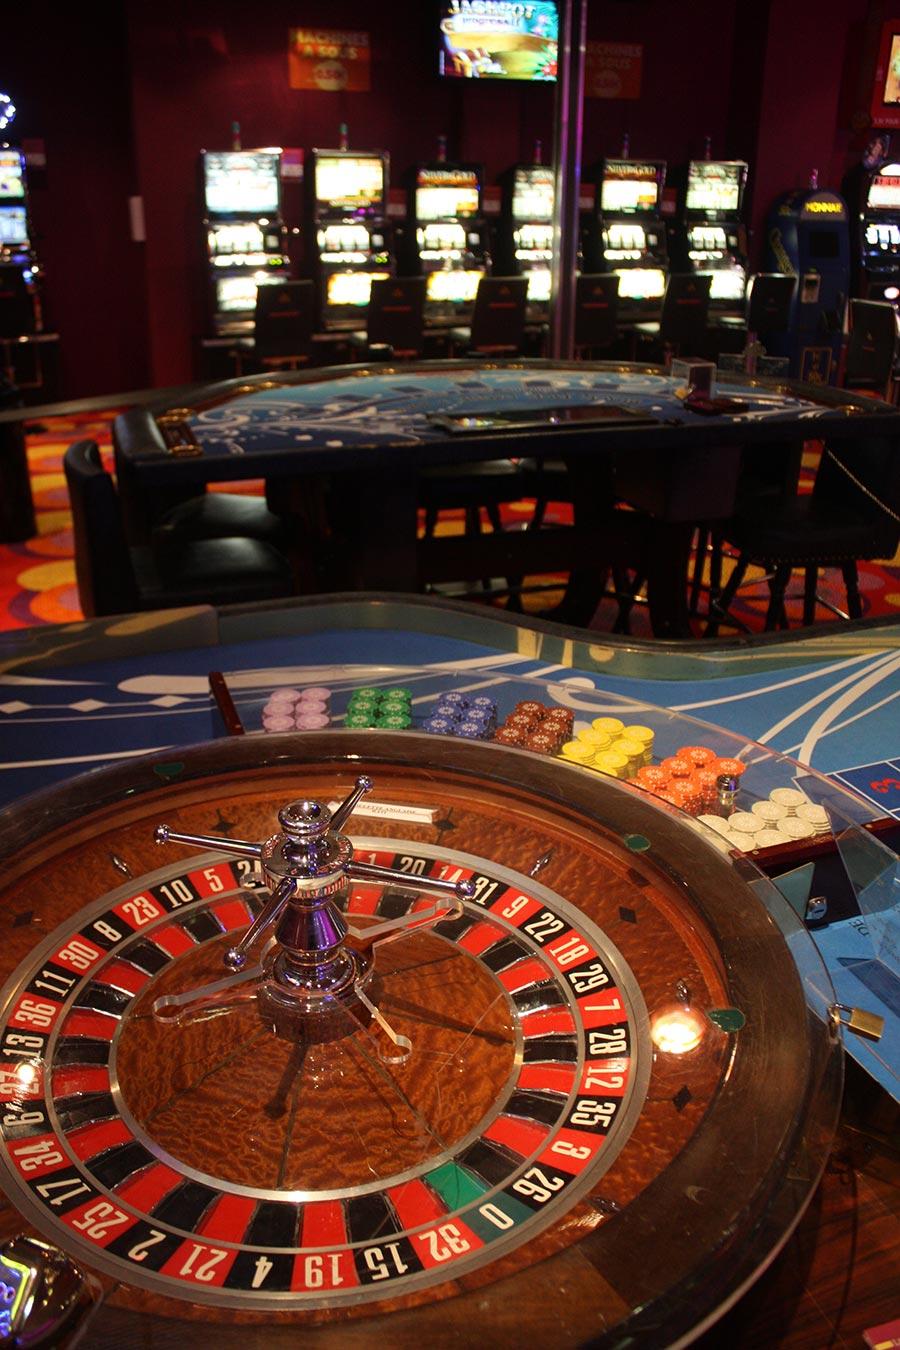 Jeux casino, choisir le bon logiciel